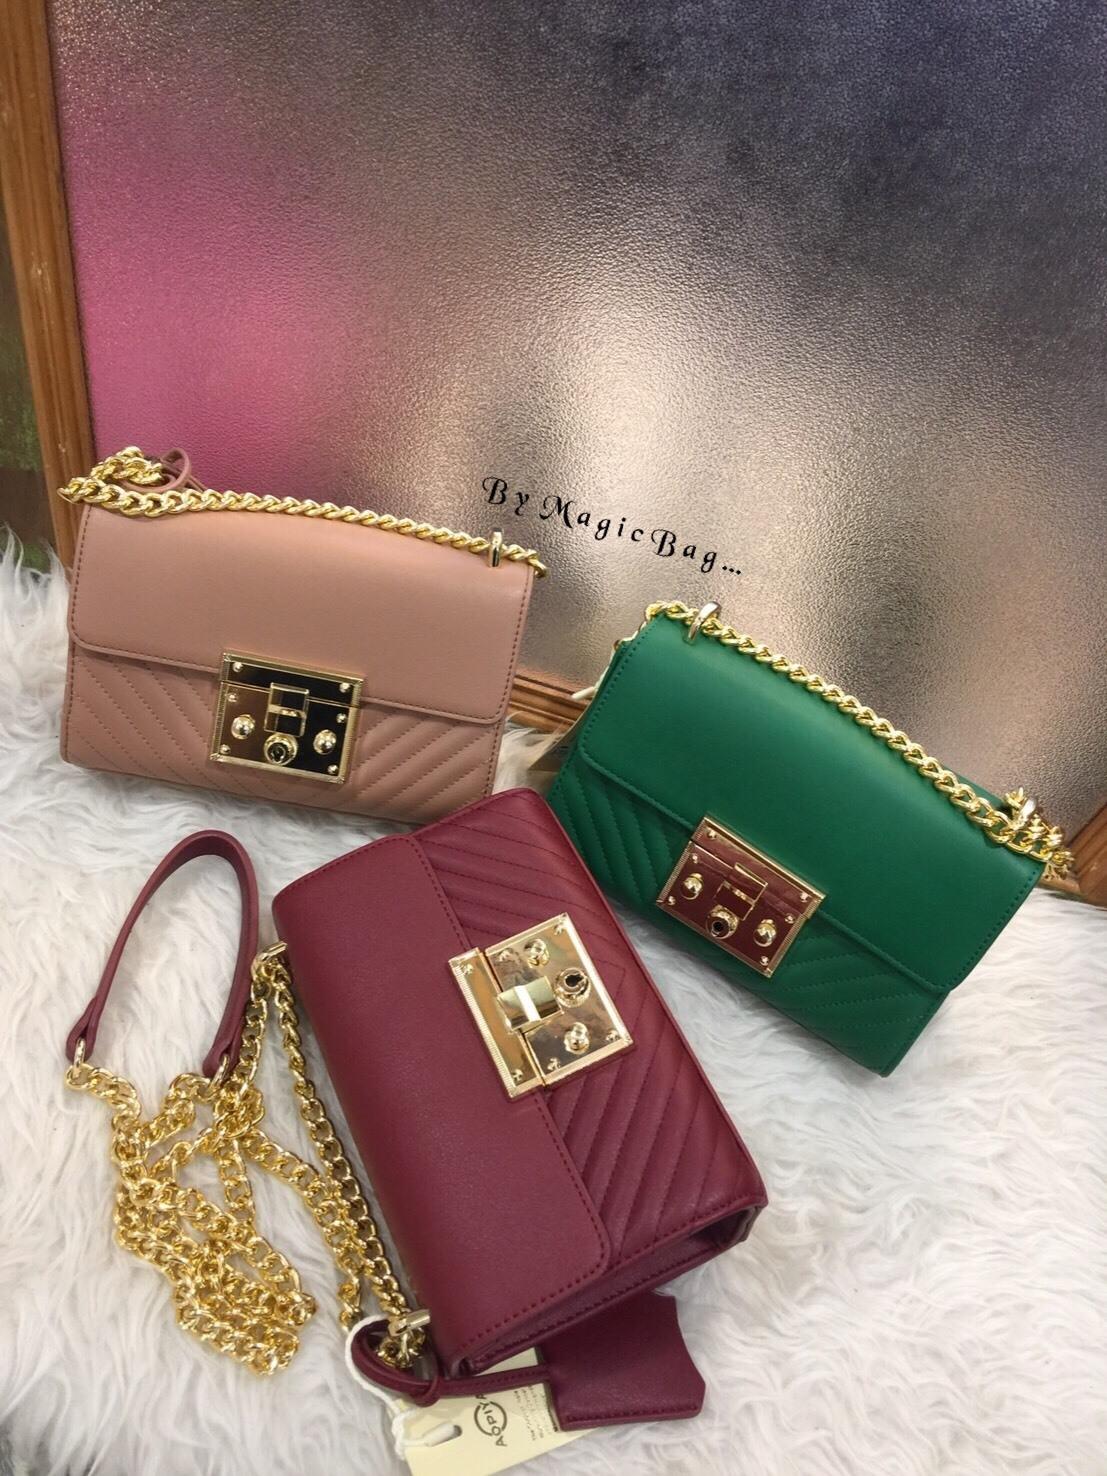 กระเป๋าสุดคลาสสิค หนึ่งในแบรนด์ดัง ทรงสวย สีแมท